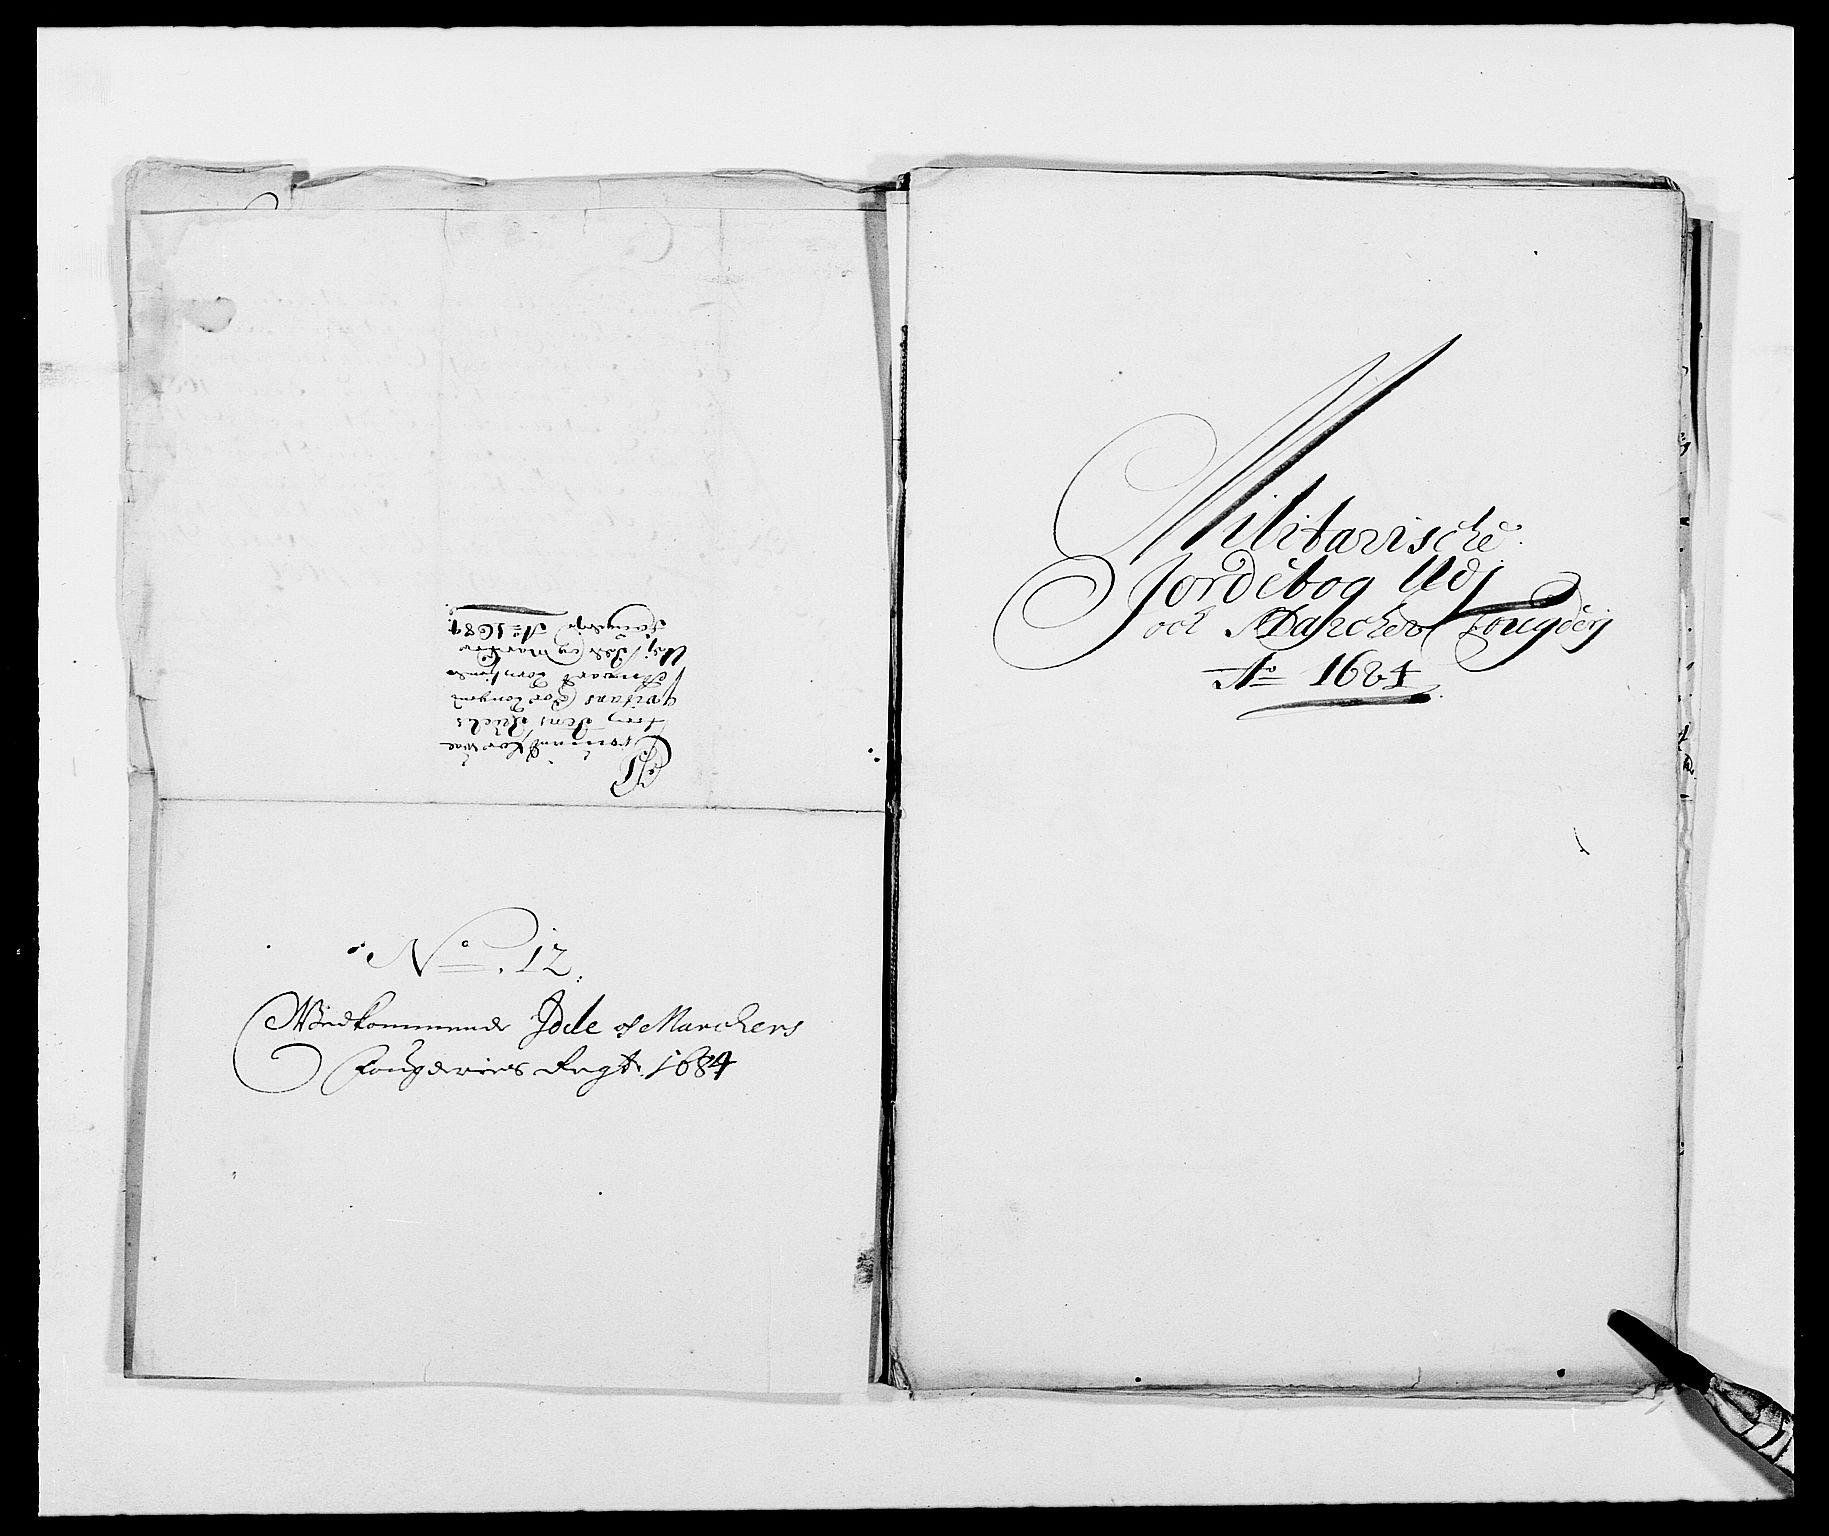 RA, Rentekammeret inntil 1814, Reviderte regnskaper, Fogderegnskap, R01/L0005: Fogderegnskap Idd og Marker , 1682-1684, s. 223